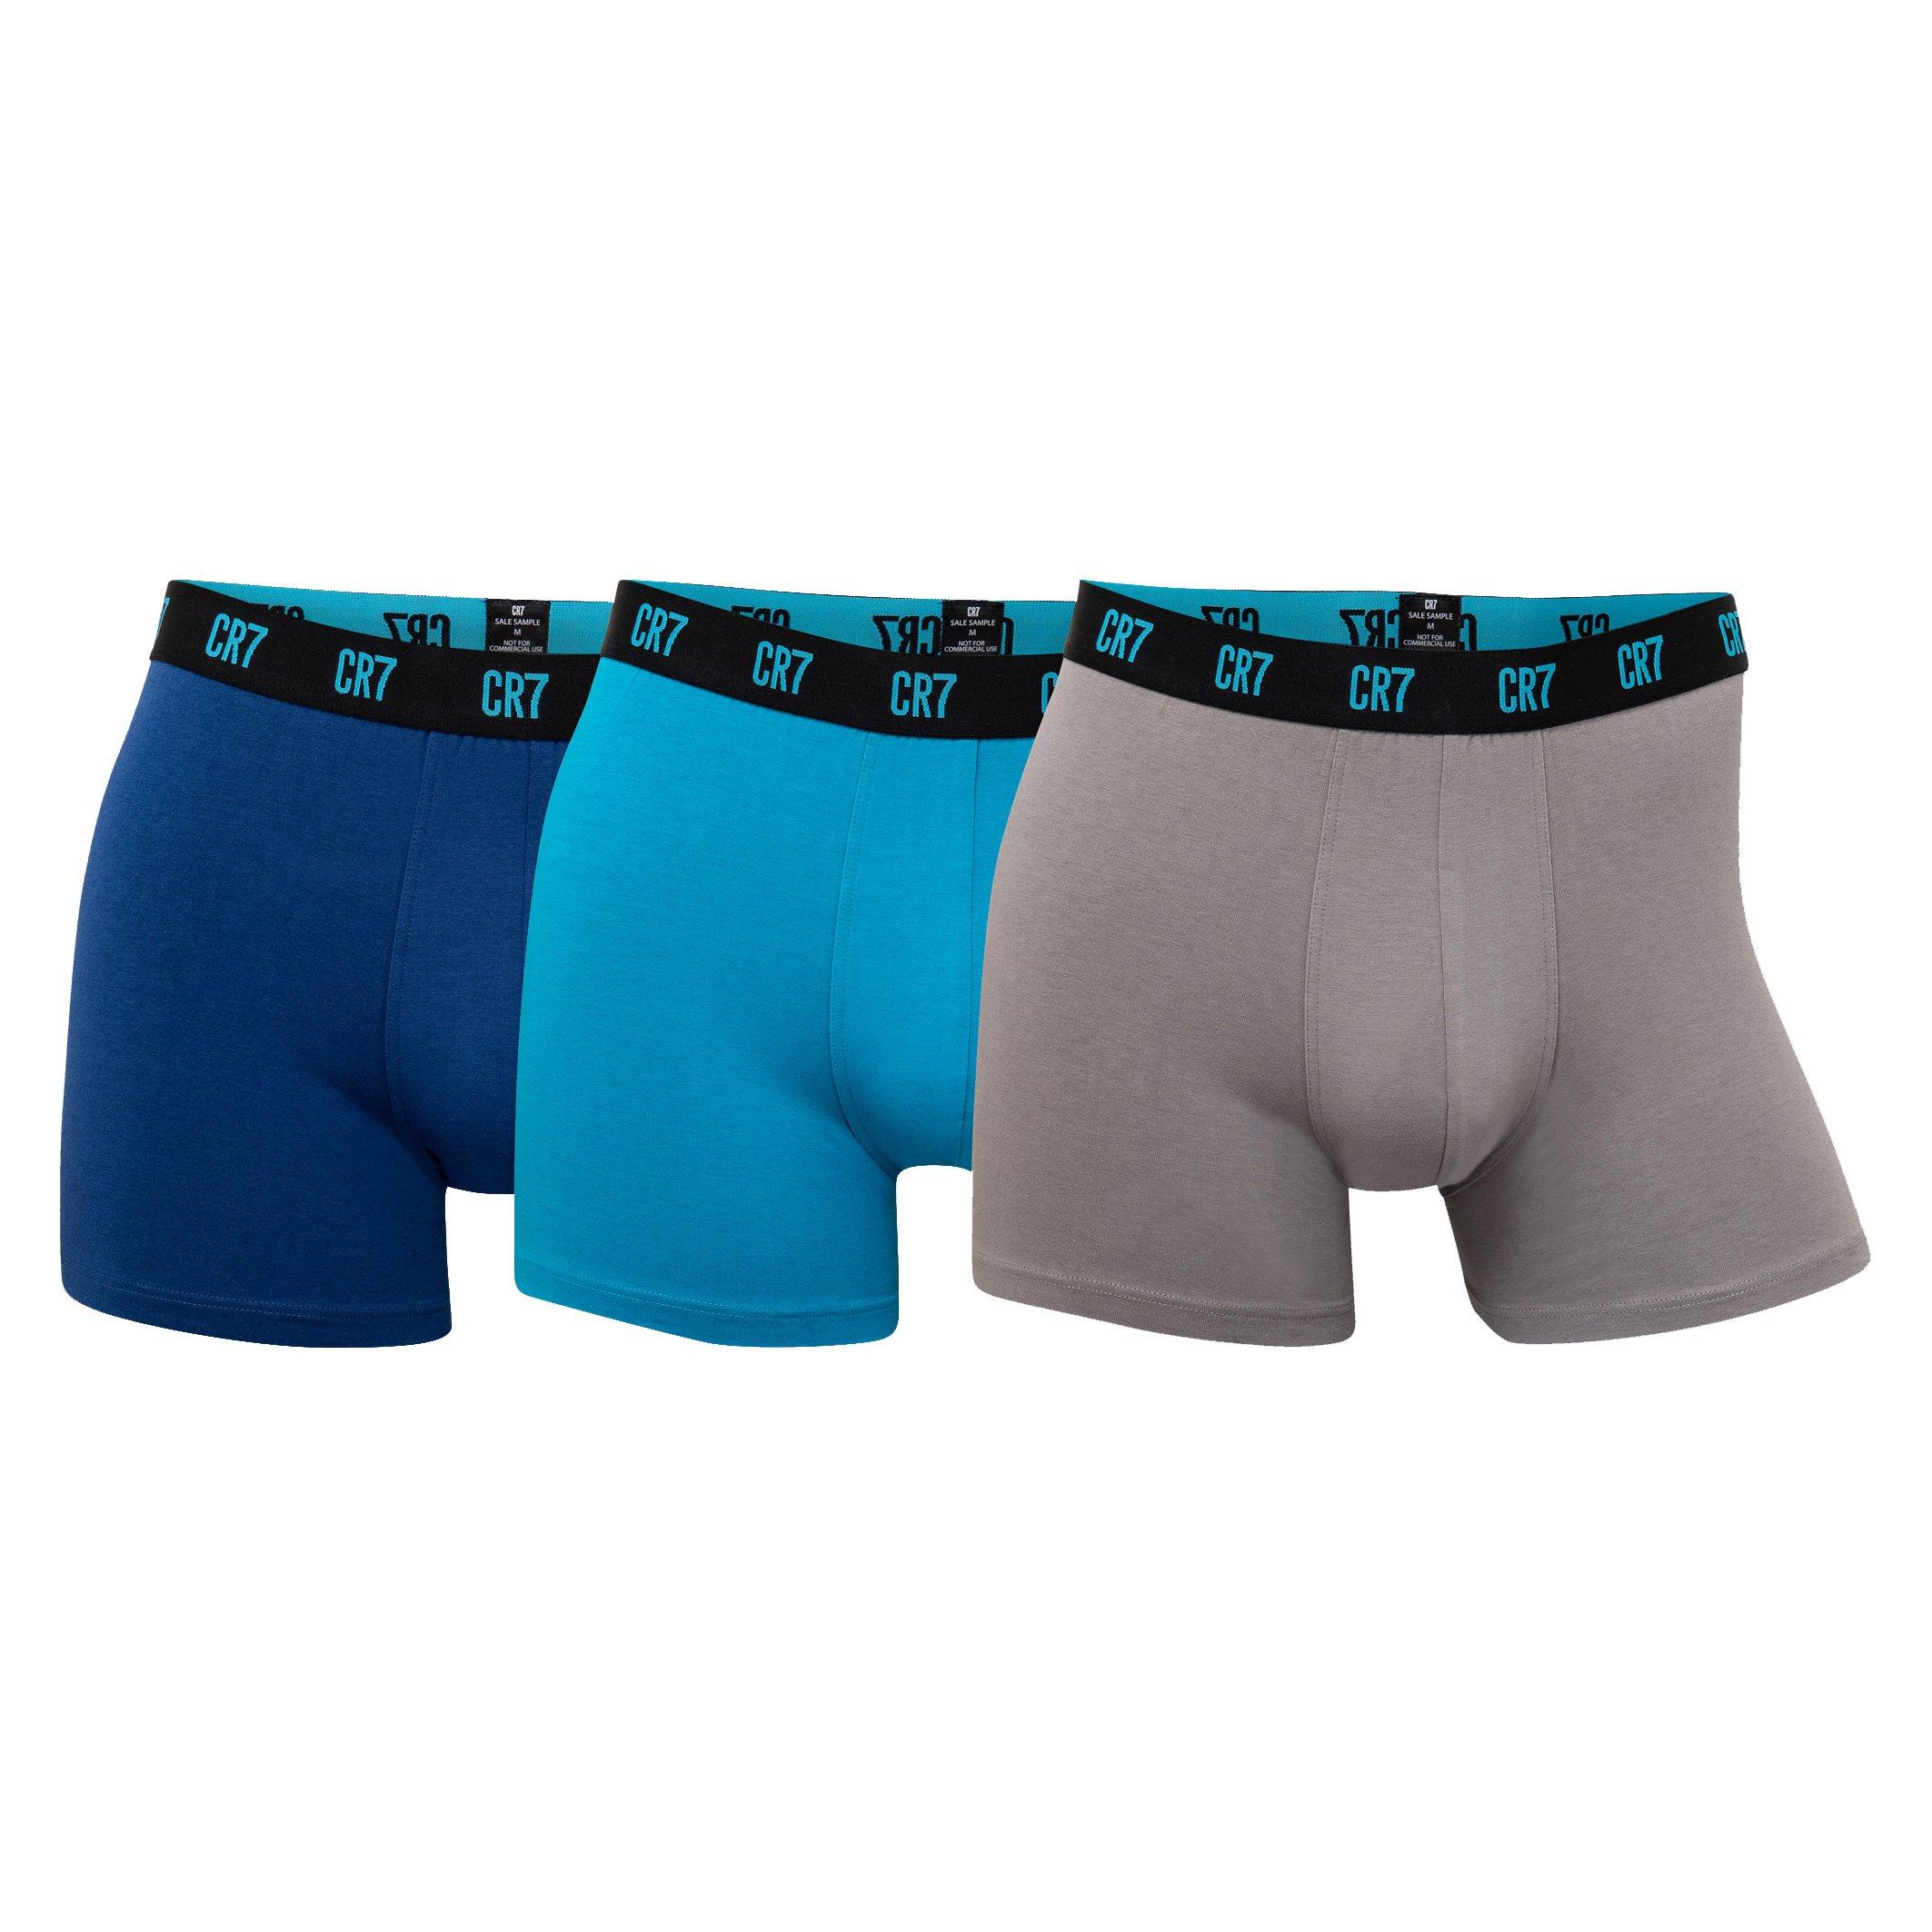 CR7 Cristiano Ronaldo Men's Boxer Shorts Various Colours 8100-49 - blue-1 S